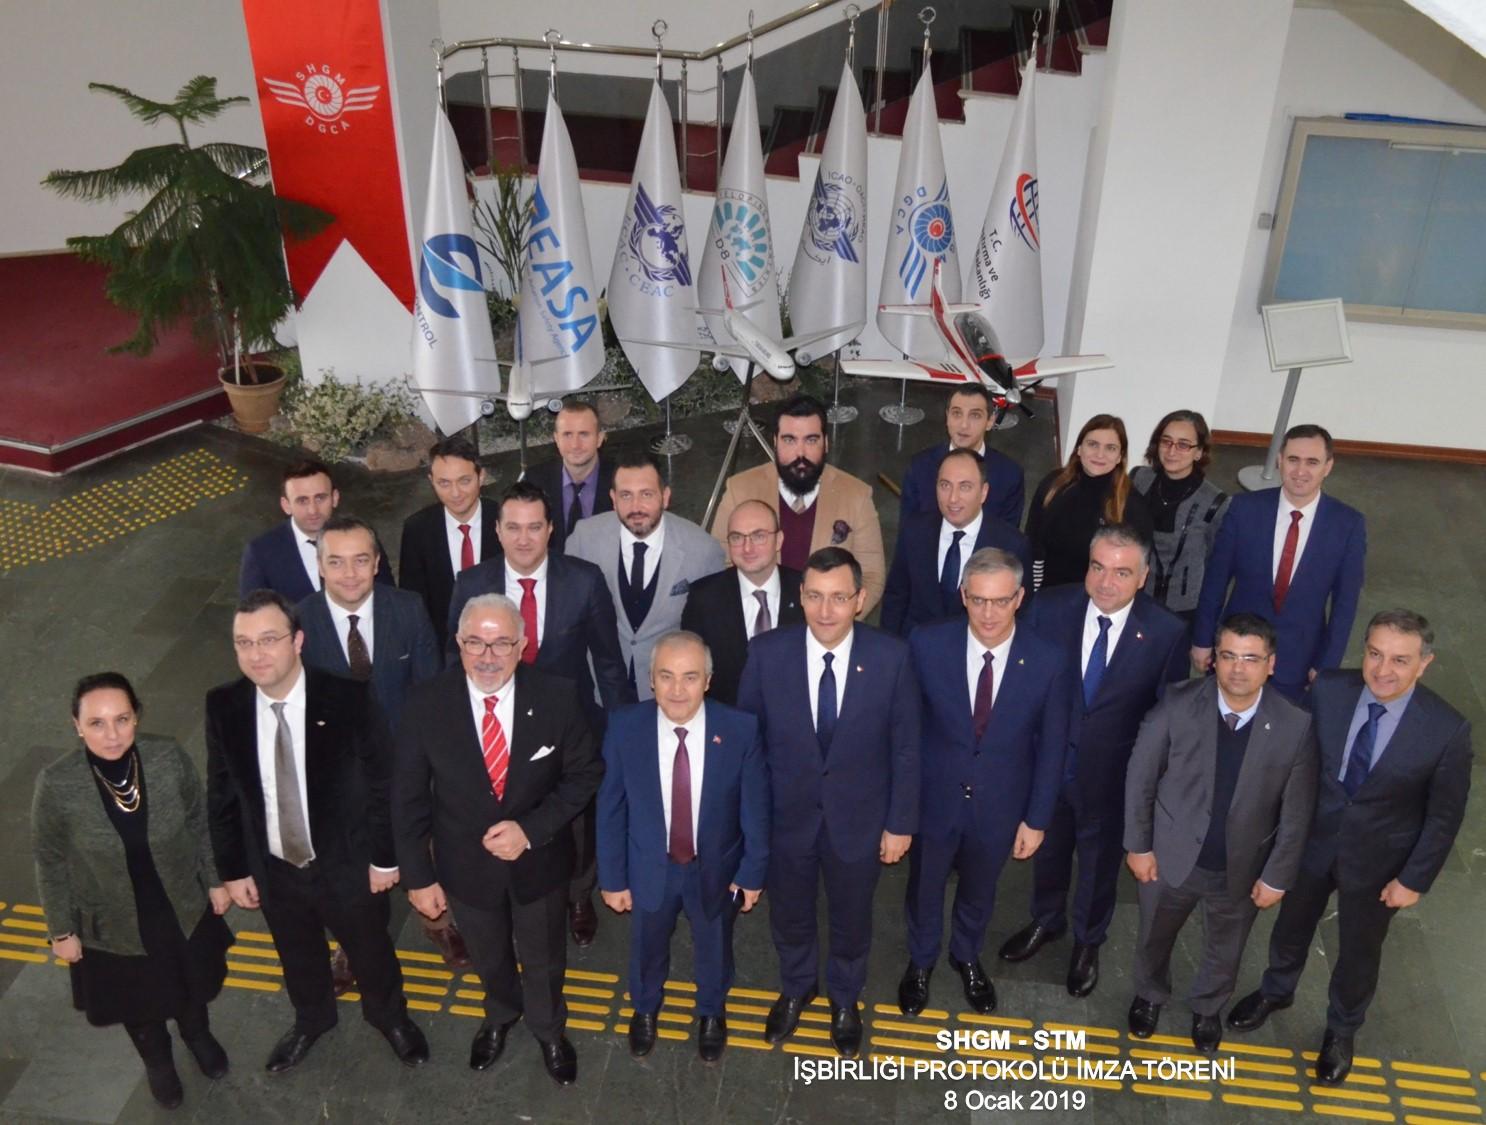 SHGM ile STM'den Çok Yönlü İşbirliği Anlaşması